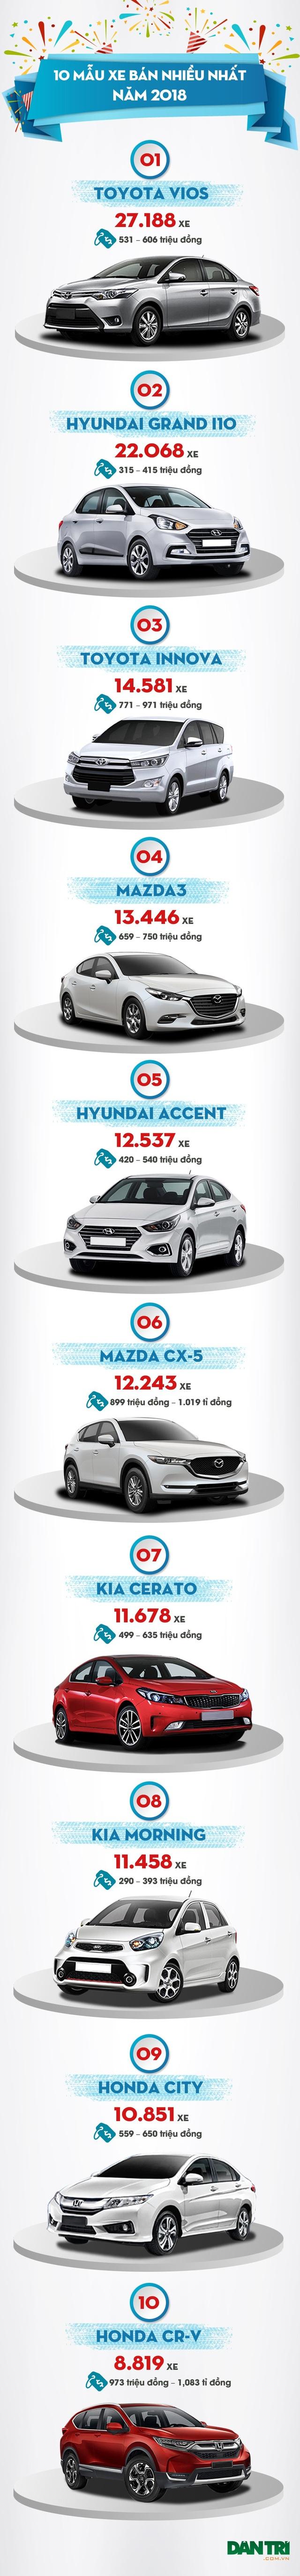 Mẫu xe nào bán chạy nhất Việt Nam năm 2018? - Ảnh 6.